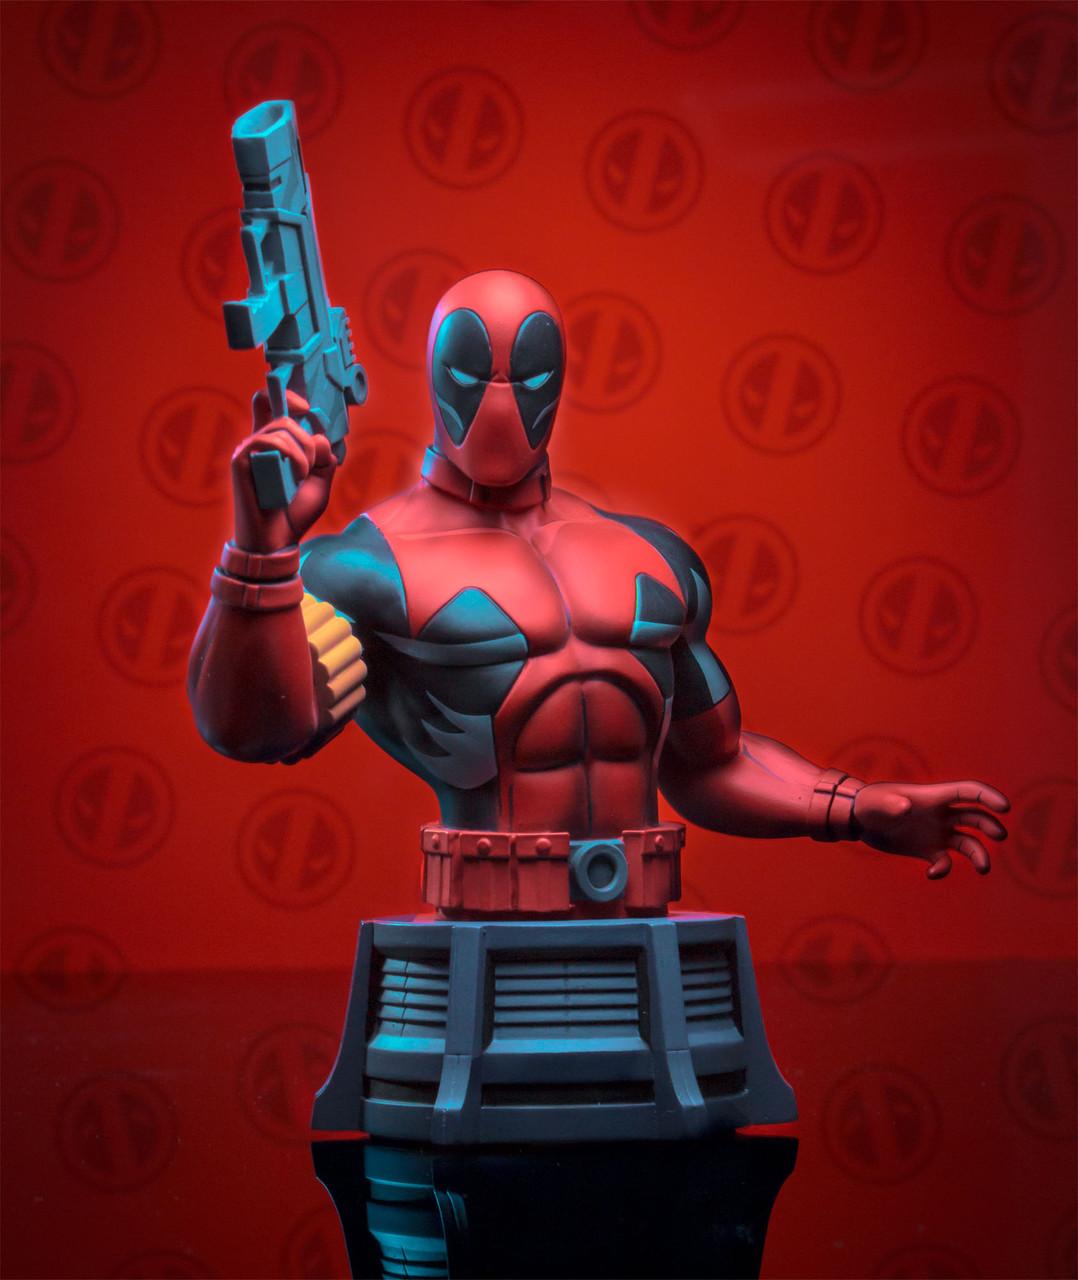 Marvel X Men Deadpool Animated Bust Gentle Giant Ltd